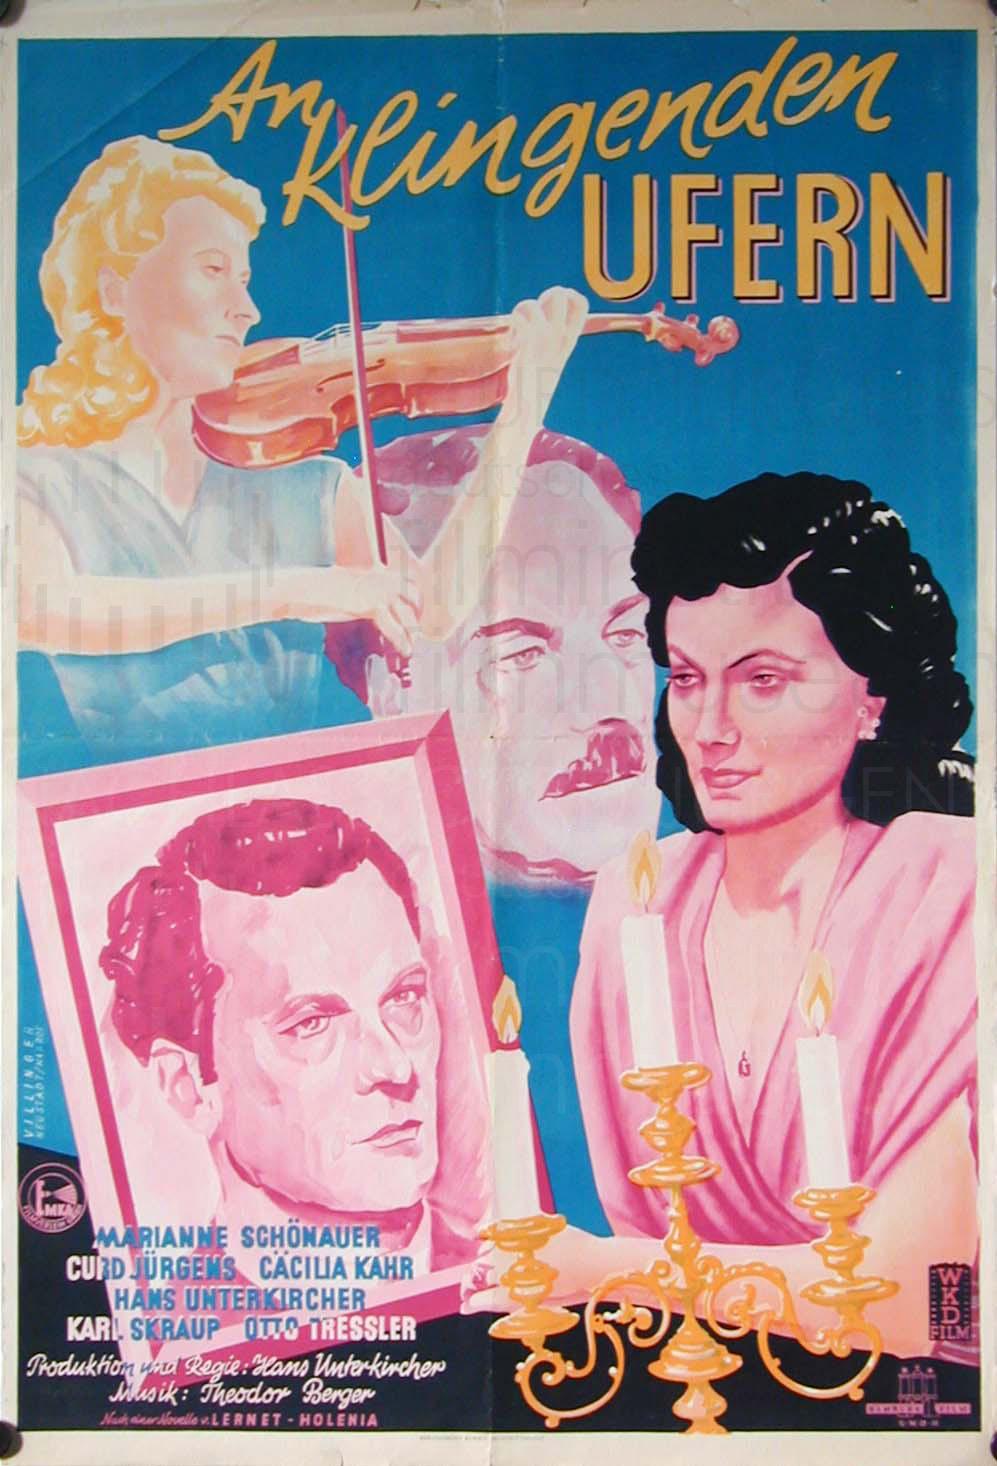 AN KLINGENDEN UFERN (1948)